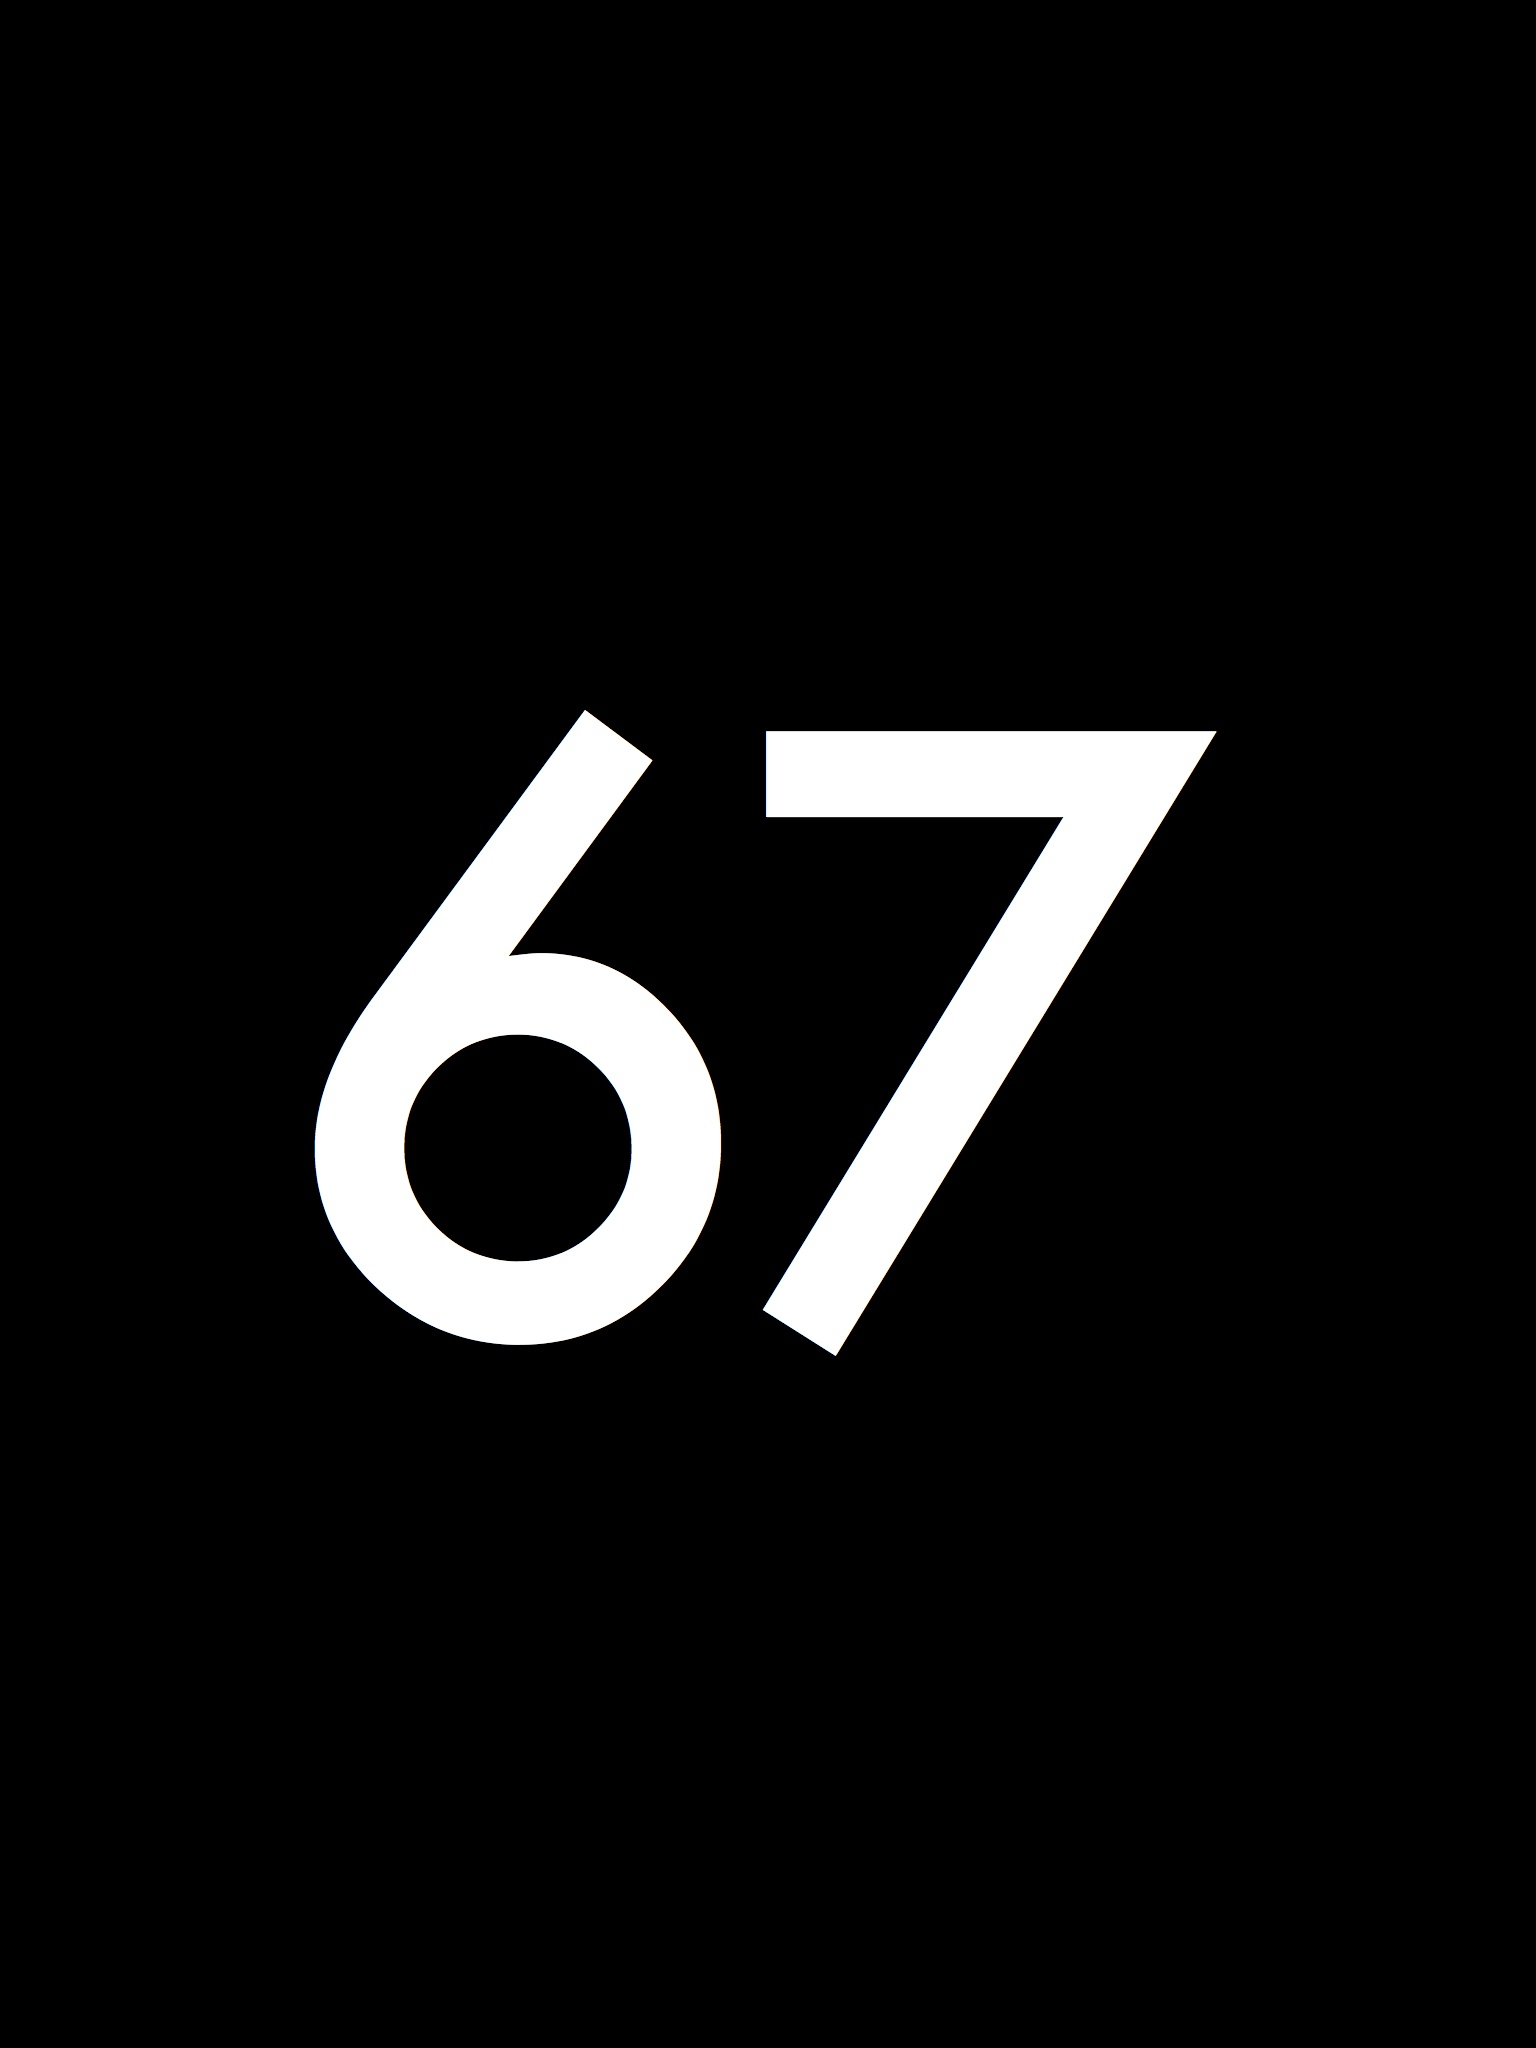 Black_Number.067.jpg